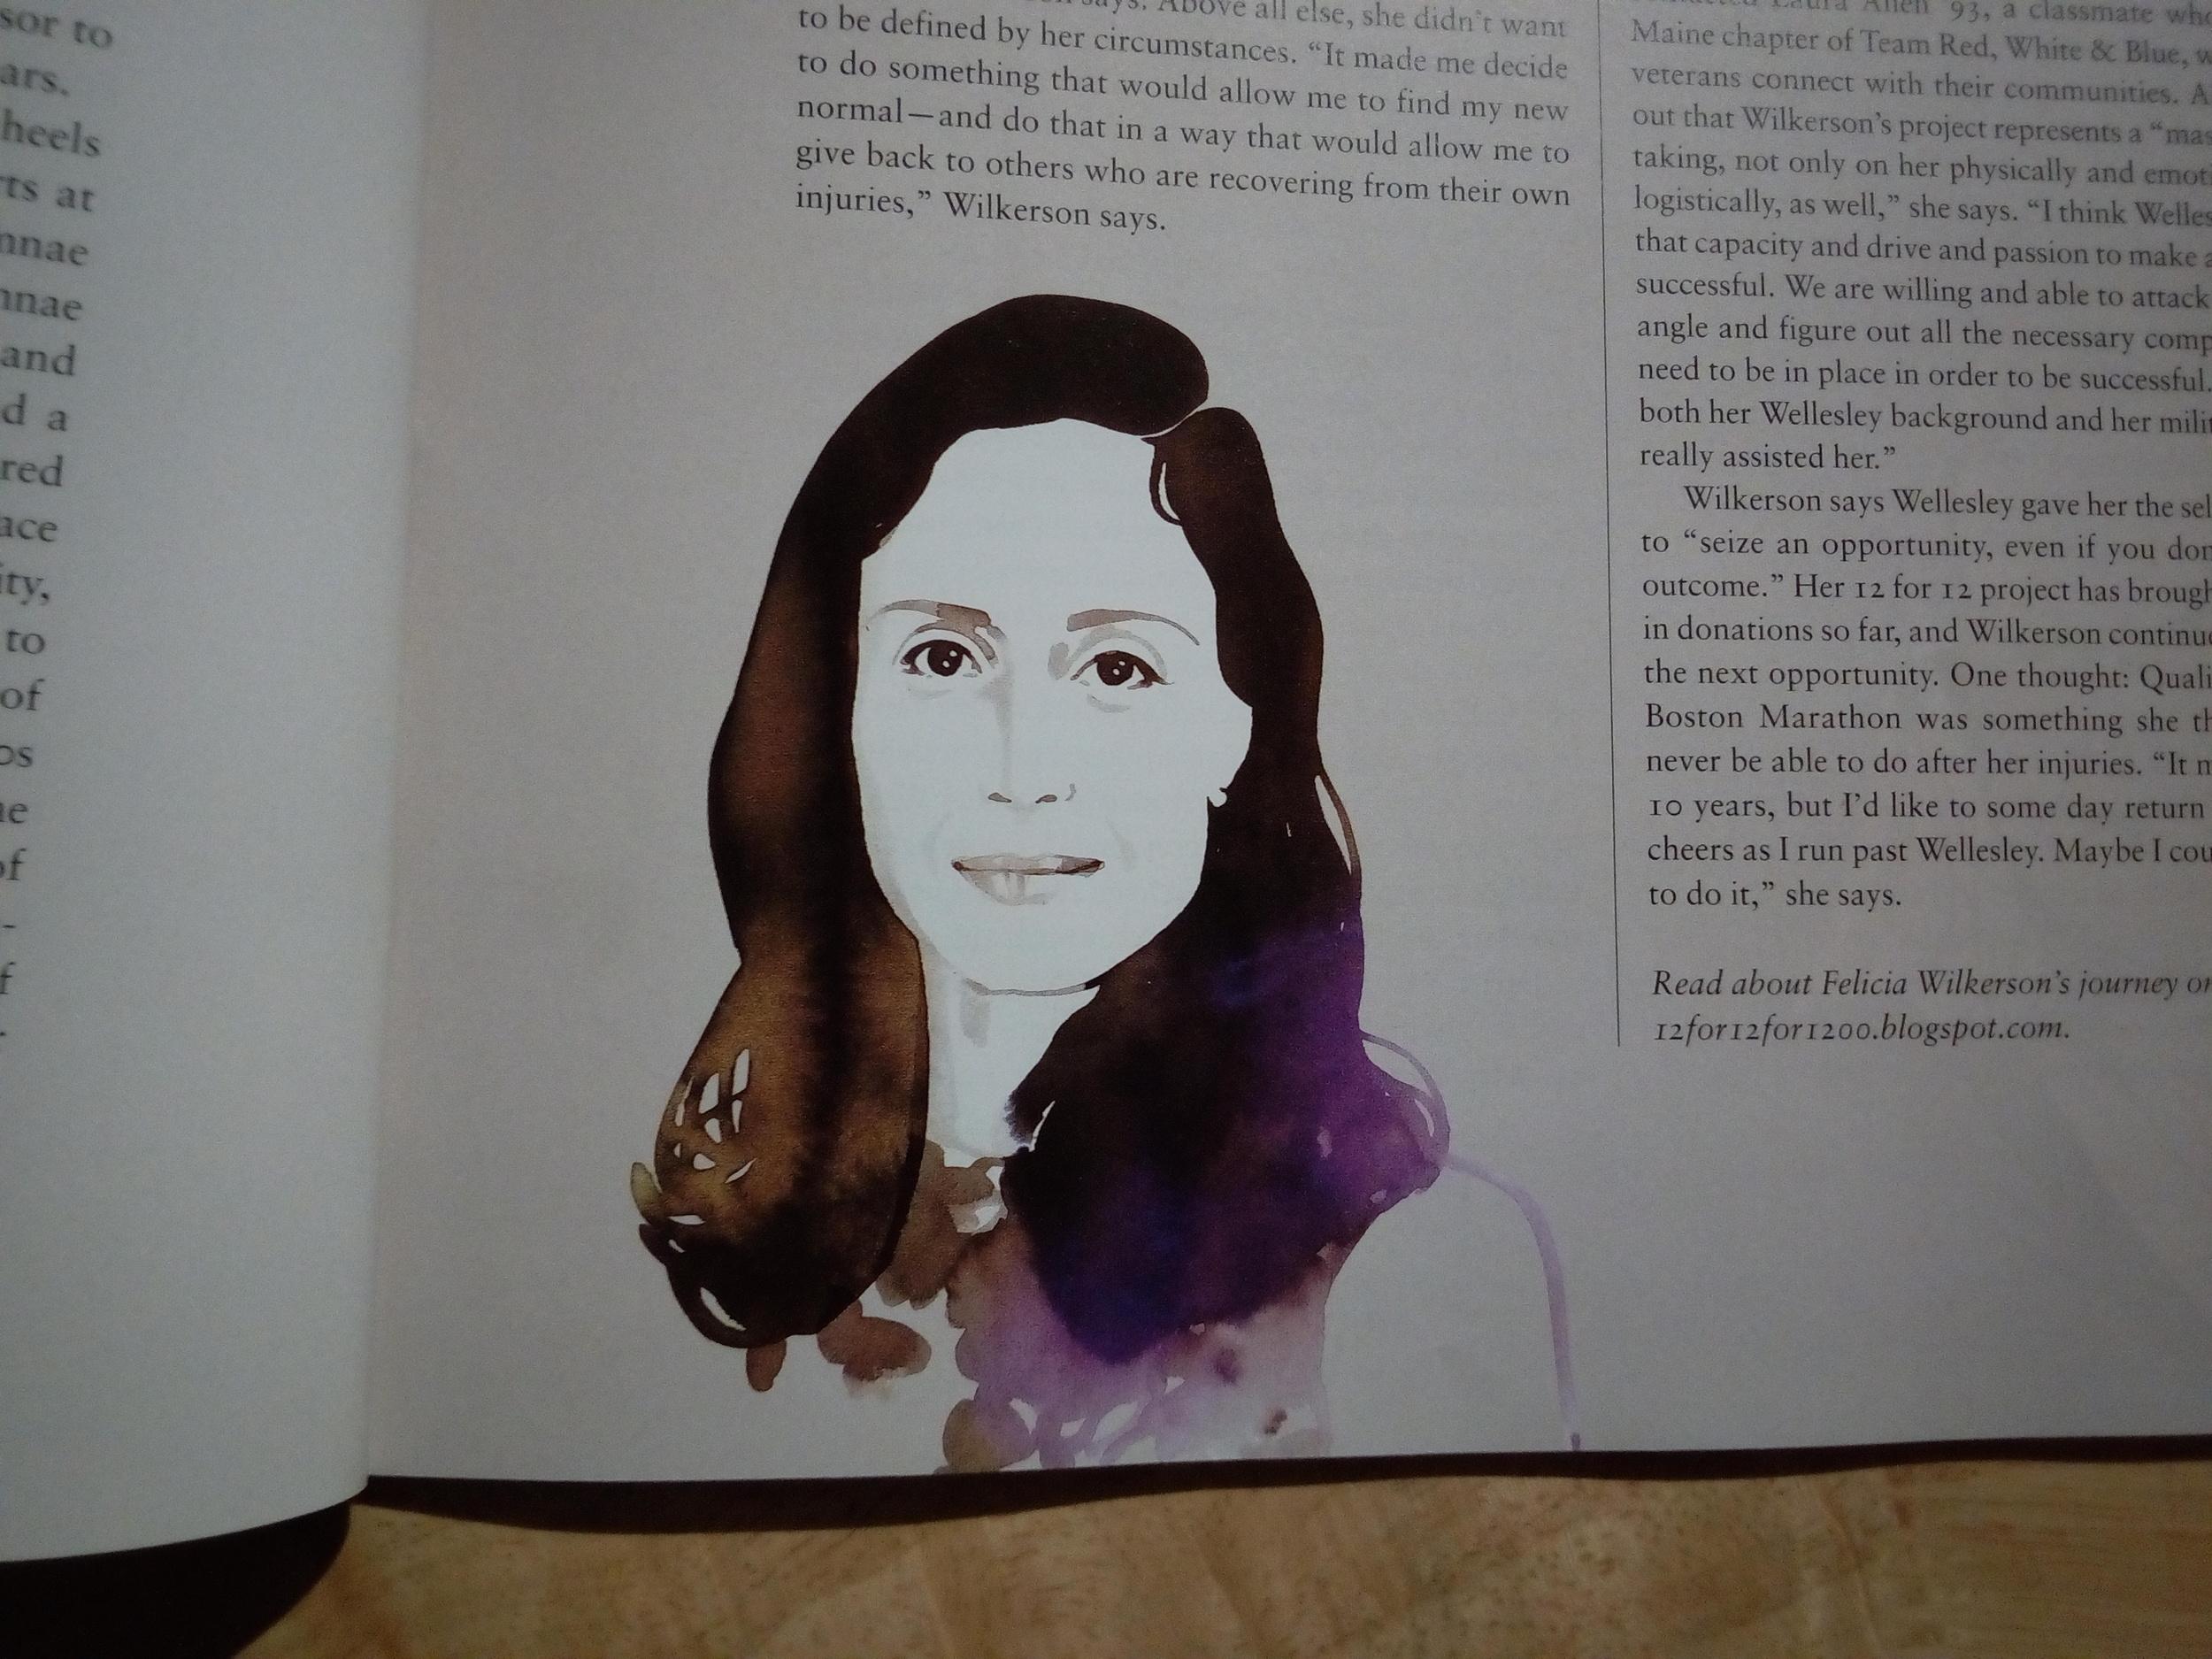 Tina Berning / Wellesley Magazine